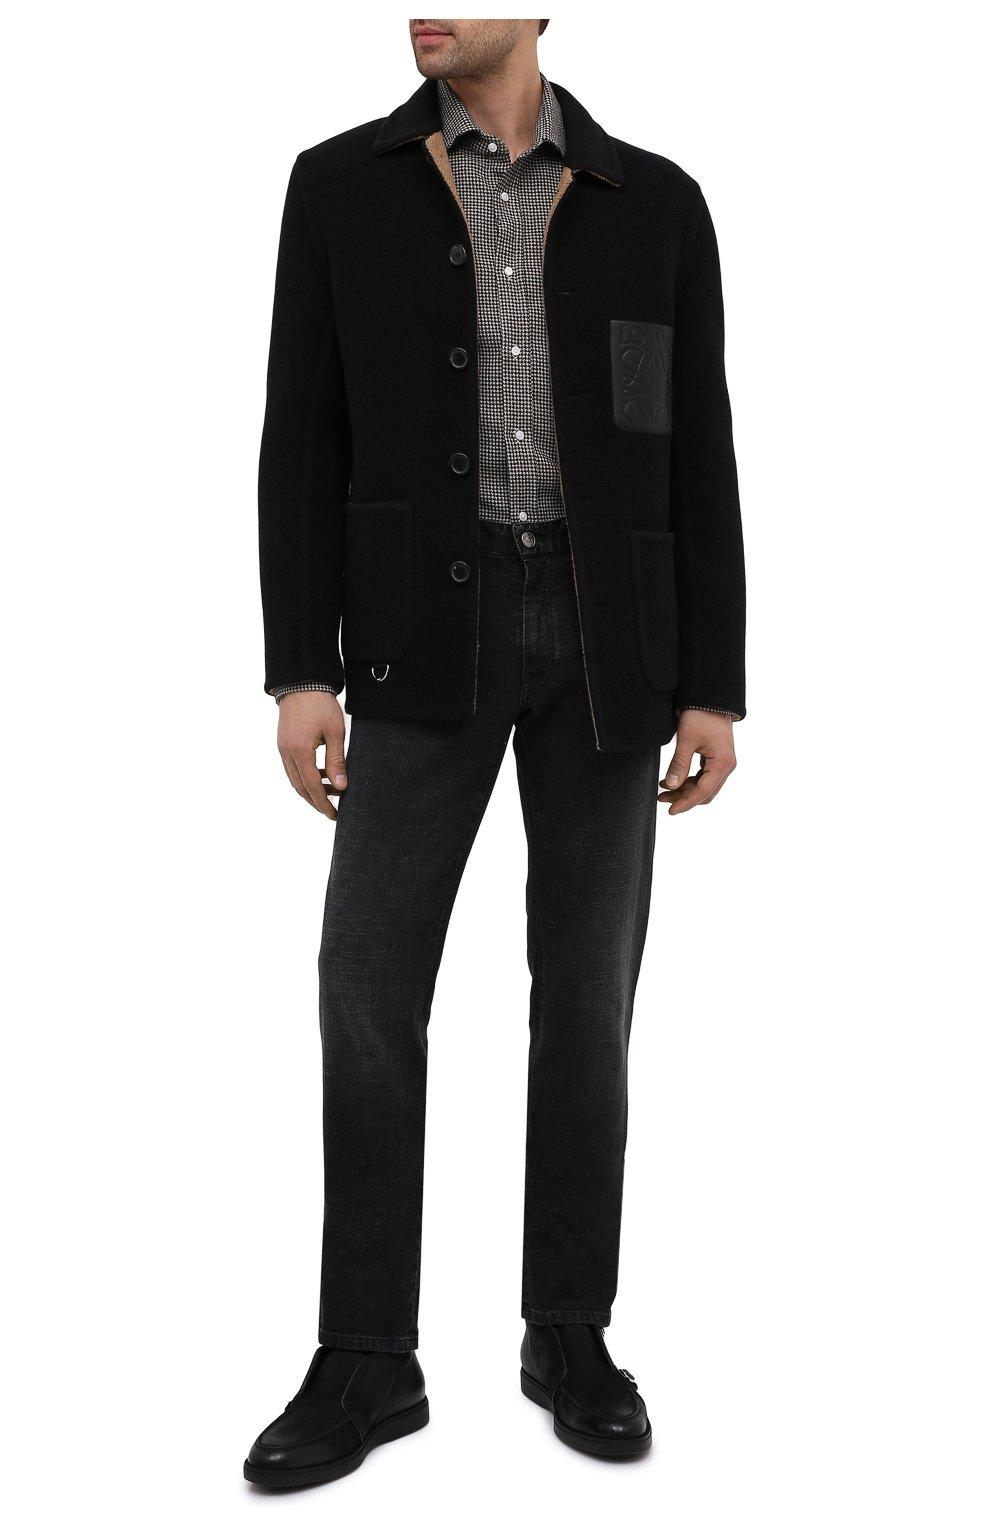 Мужская шерстяная рубашка RALPH LAUREN черно-белого цвета, арт. 791820124   Фото 2 (Манжеты: На пуговицах; Материал внешний: Шерсть; Рукава: Длинные; Воротник: Акула; Случай: Повседневный; Длина (для топов): Стандартные; Принт: С принтом; Мужское Кросс-КТ: Рубашка-одежда; Стили: Кэжуэл)